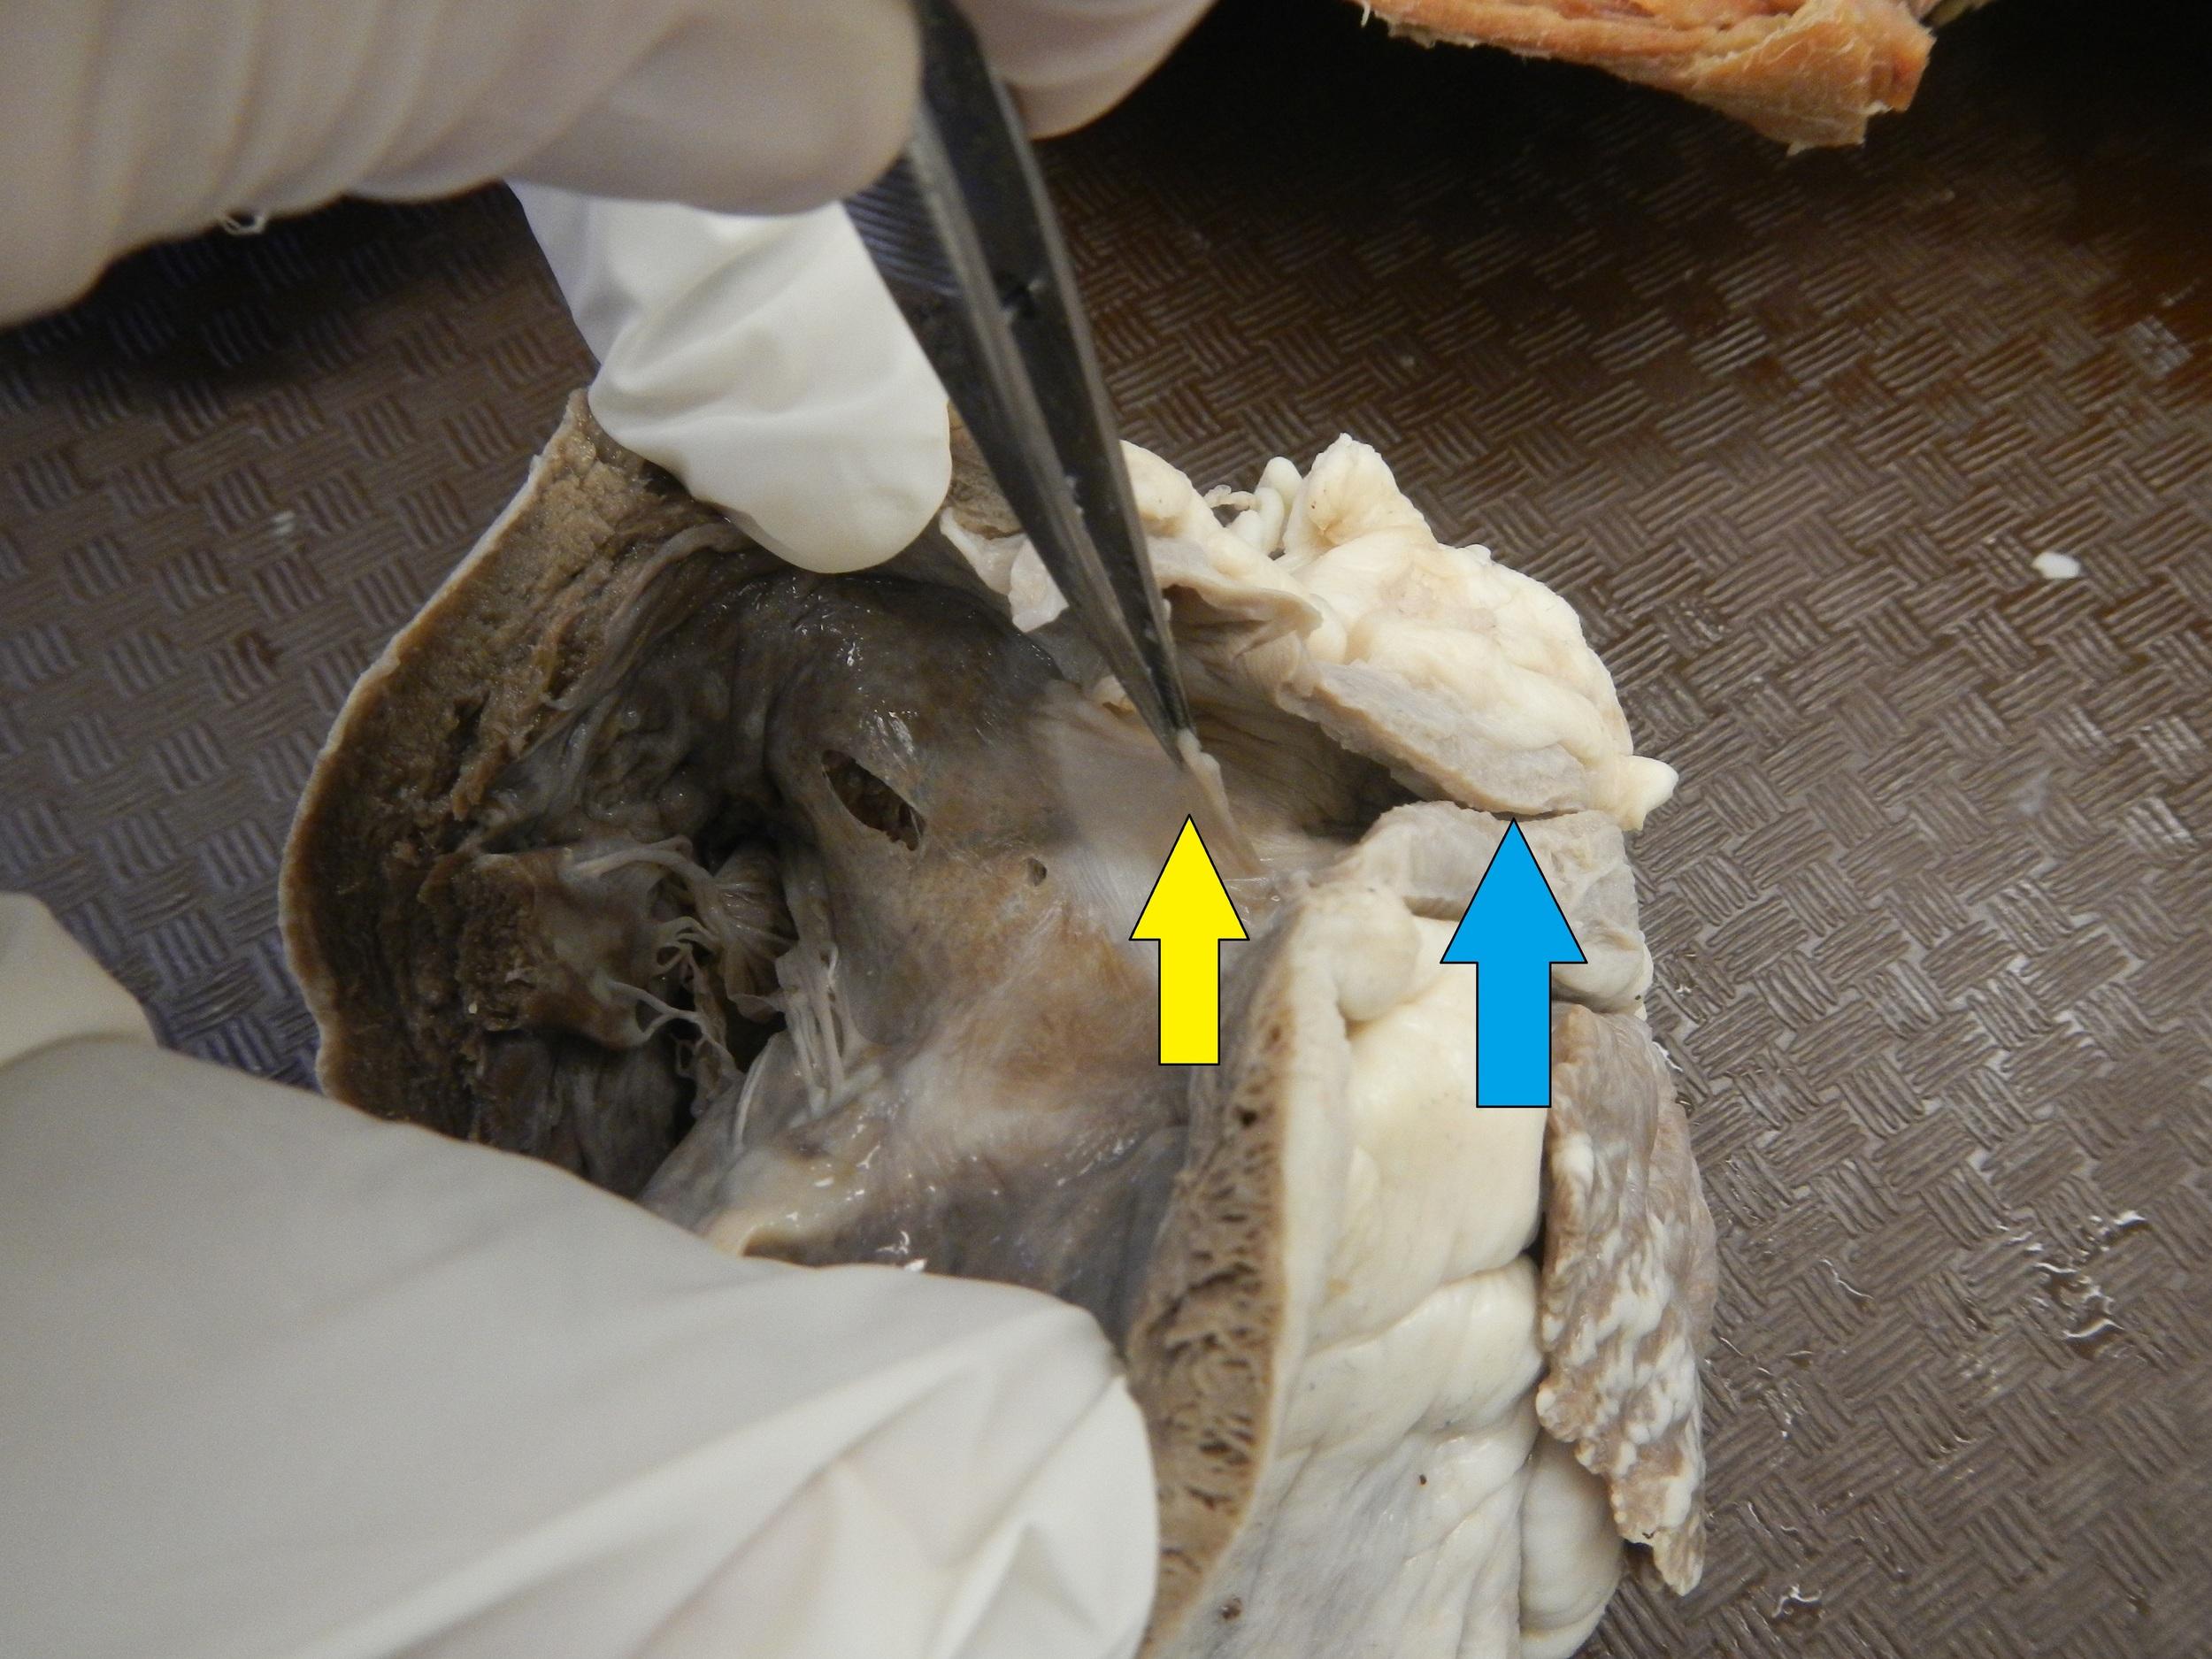 Blue - Pulmonary Artery  Yellow - Pulmonary Semilunar Valve